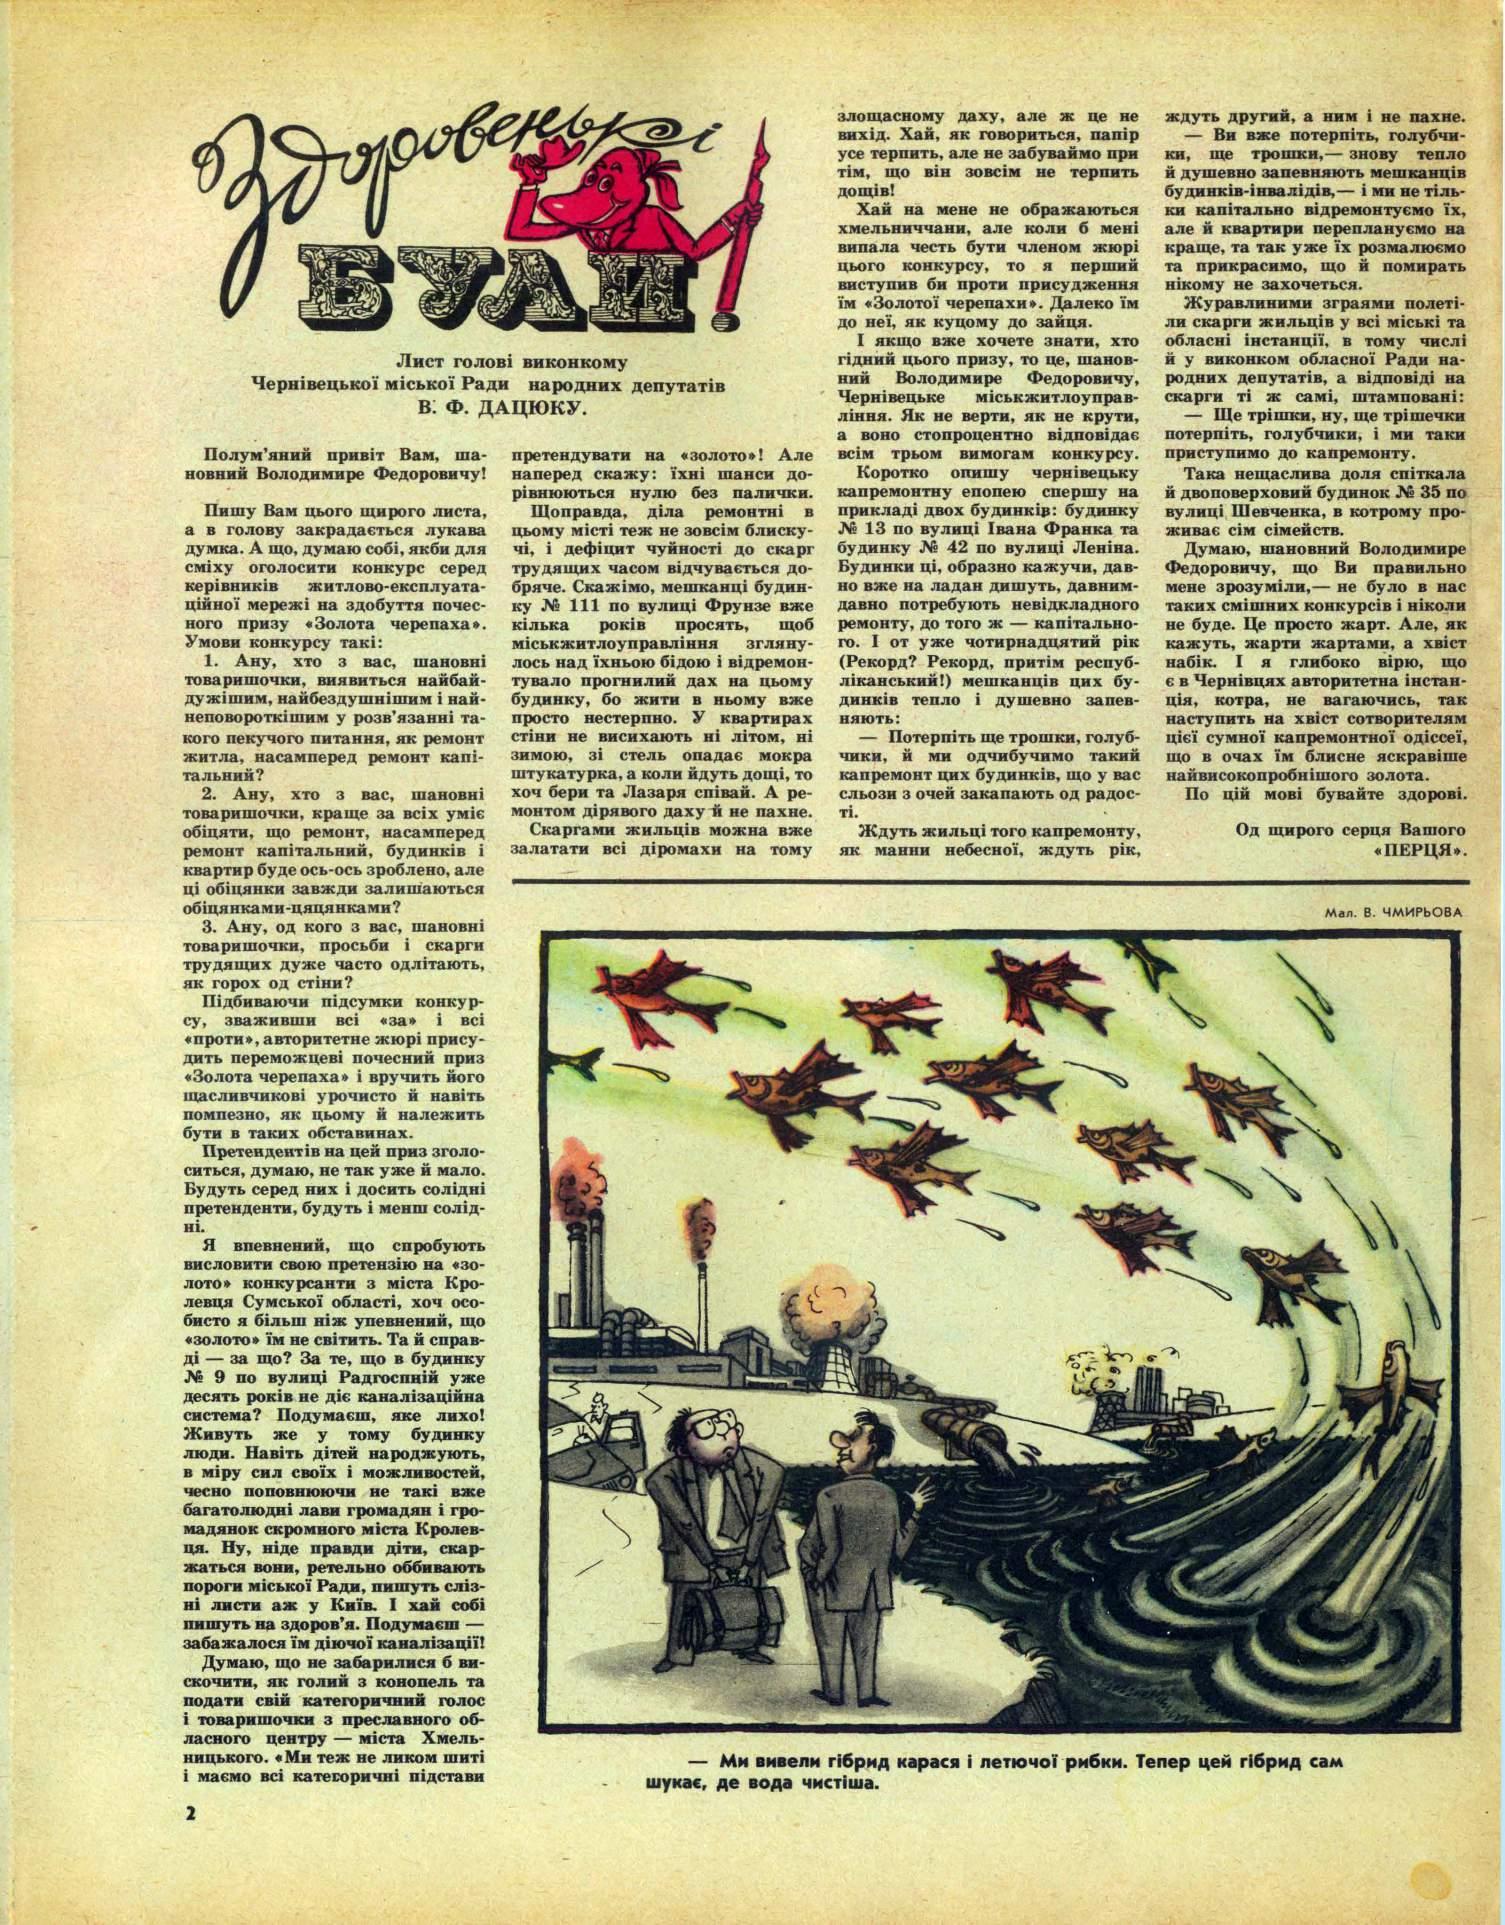 Журнал перець 1984 №11